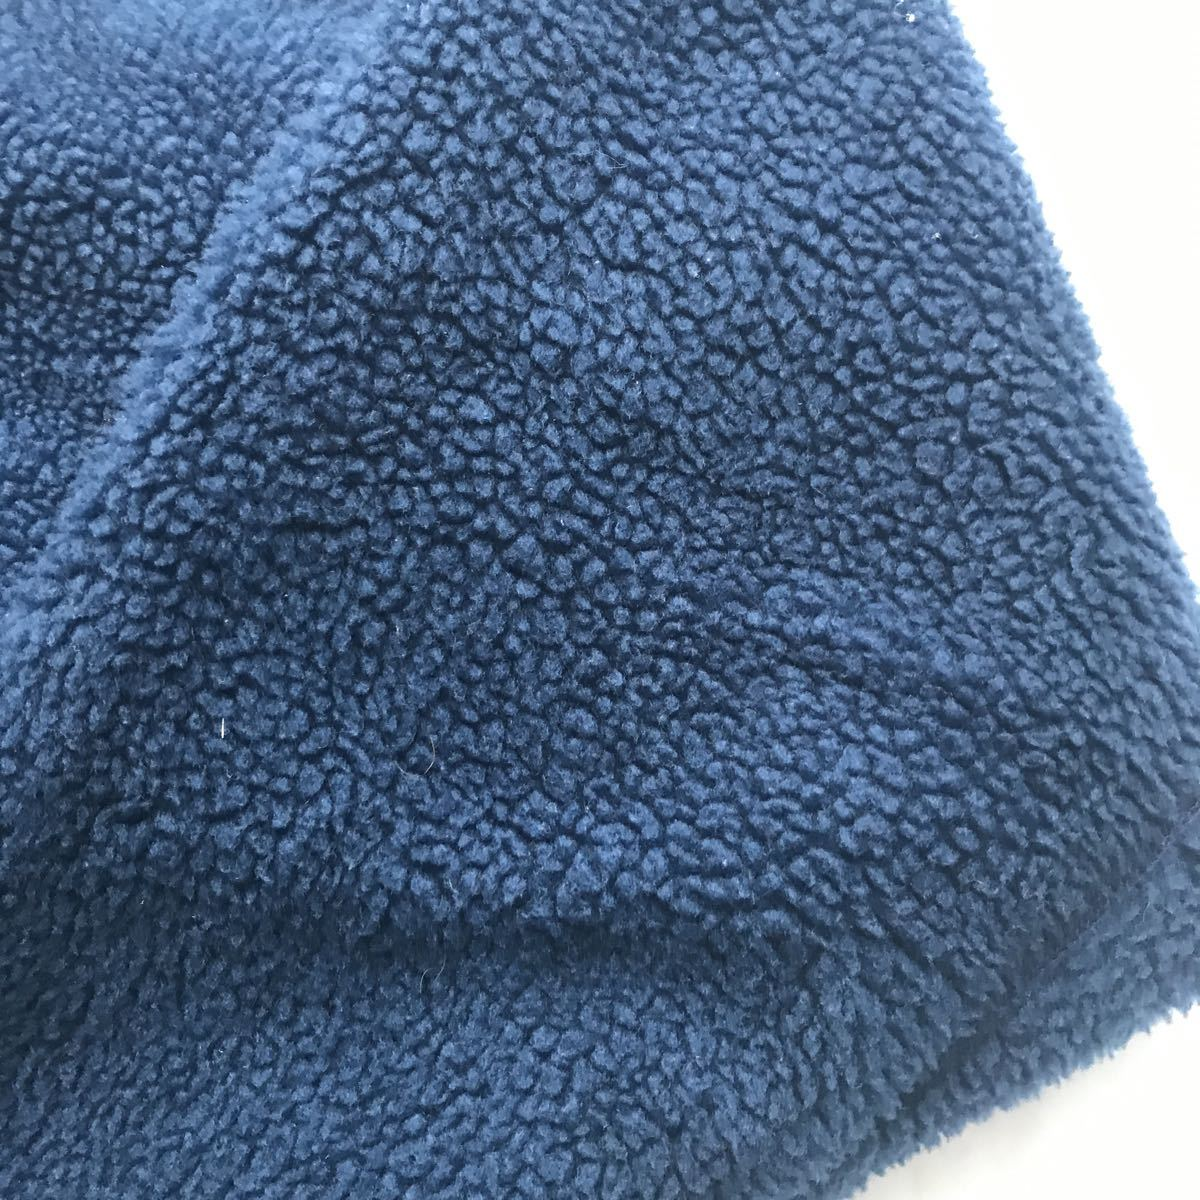 【雪無しタグ】パタゴニア patagonia ベビー レトロ カーディガン 94年USA製 インクブルー サイズ XL 検 ダス スナップT_画像7